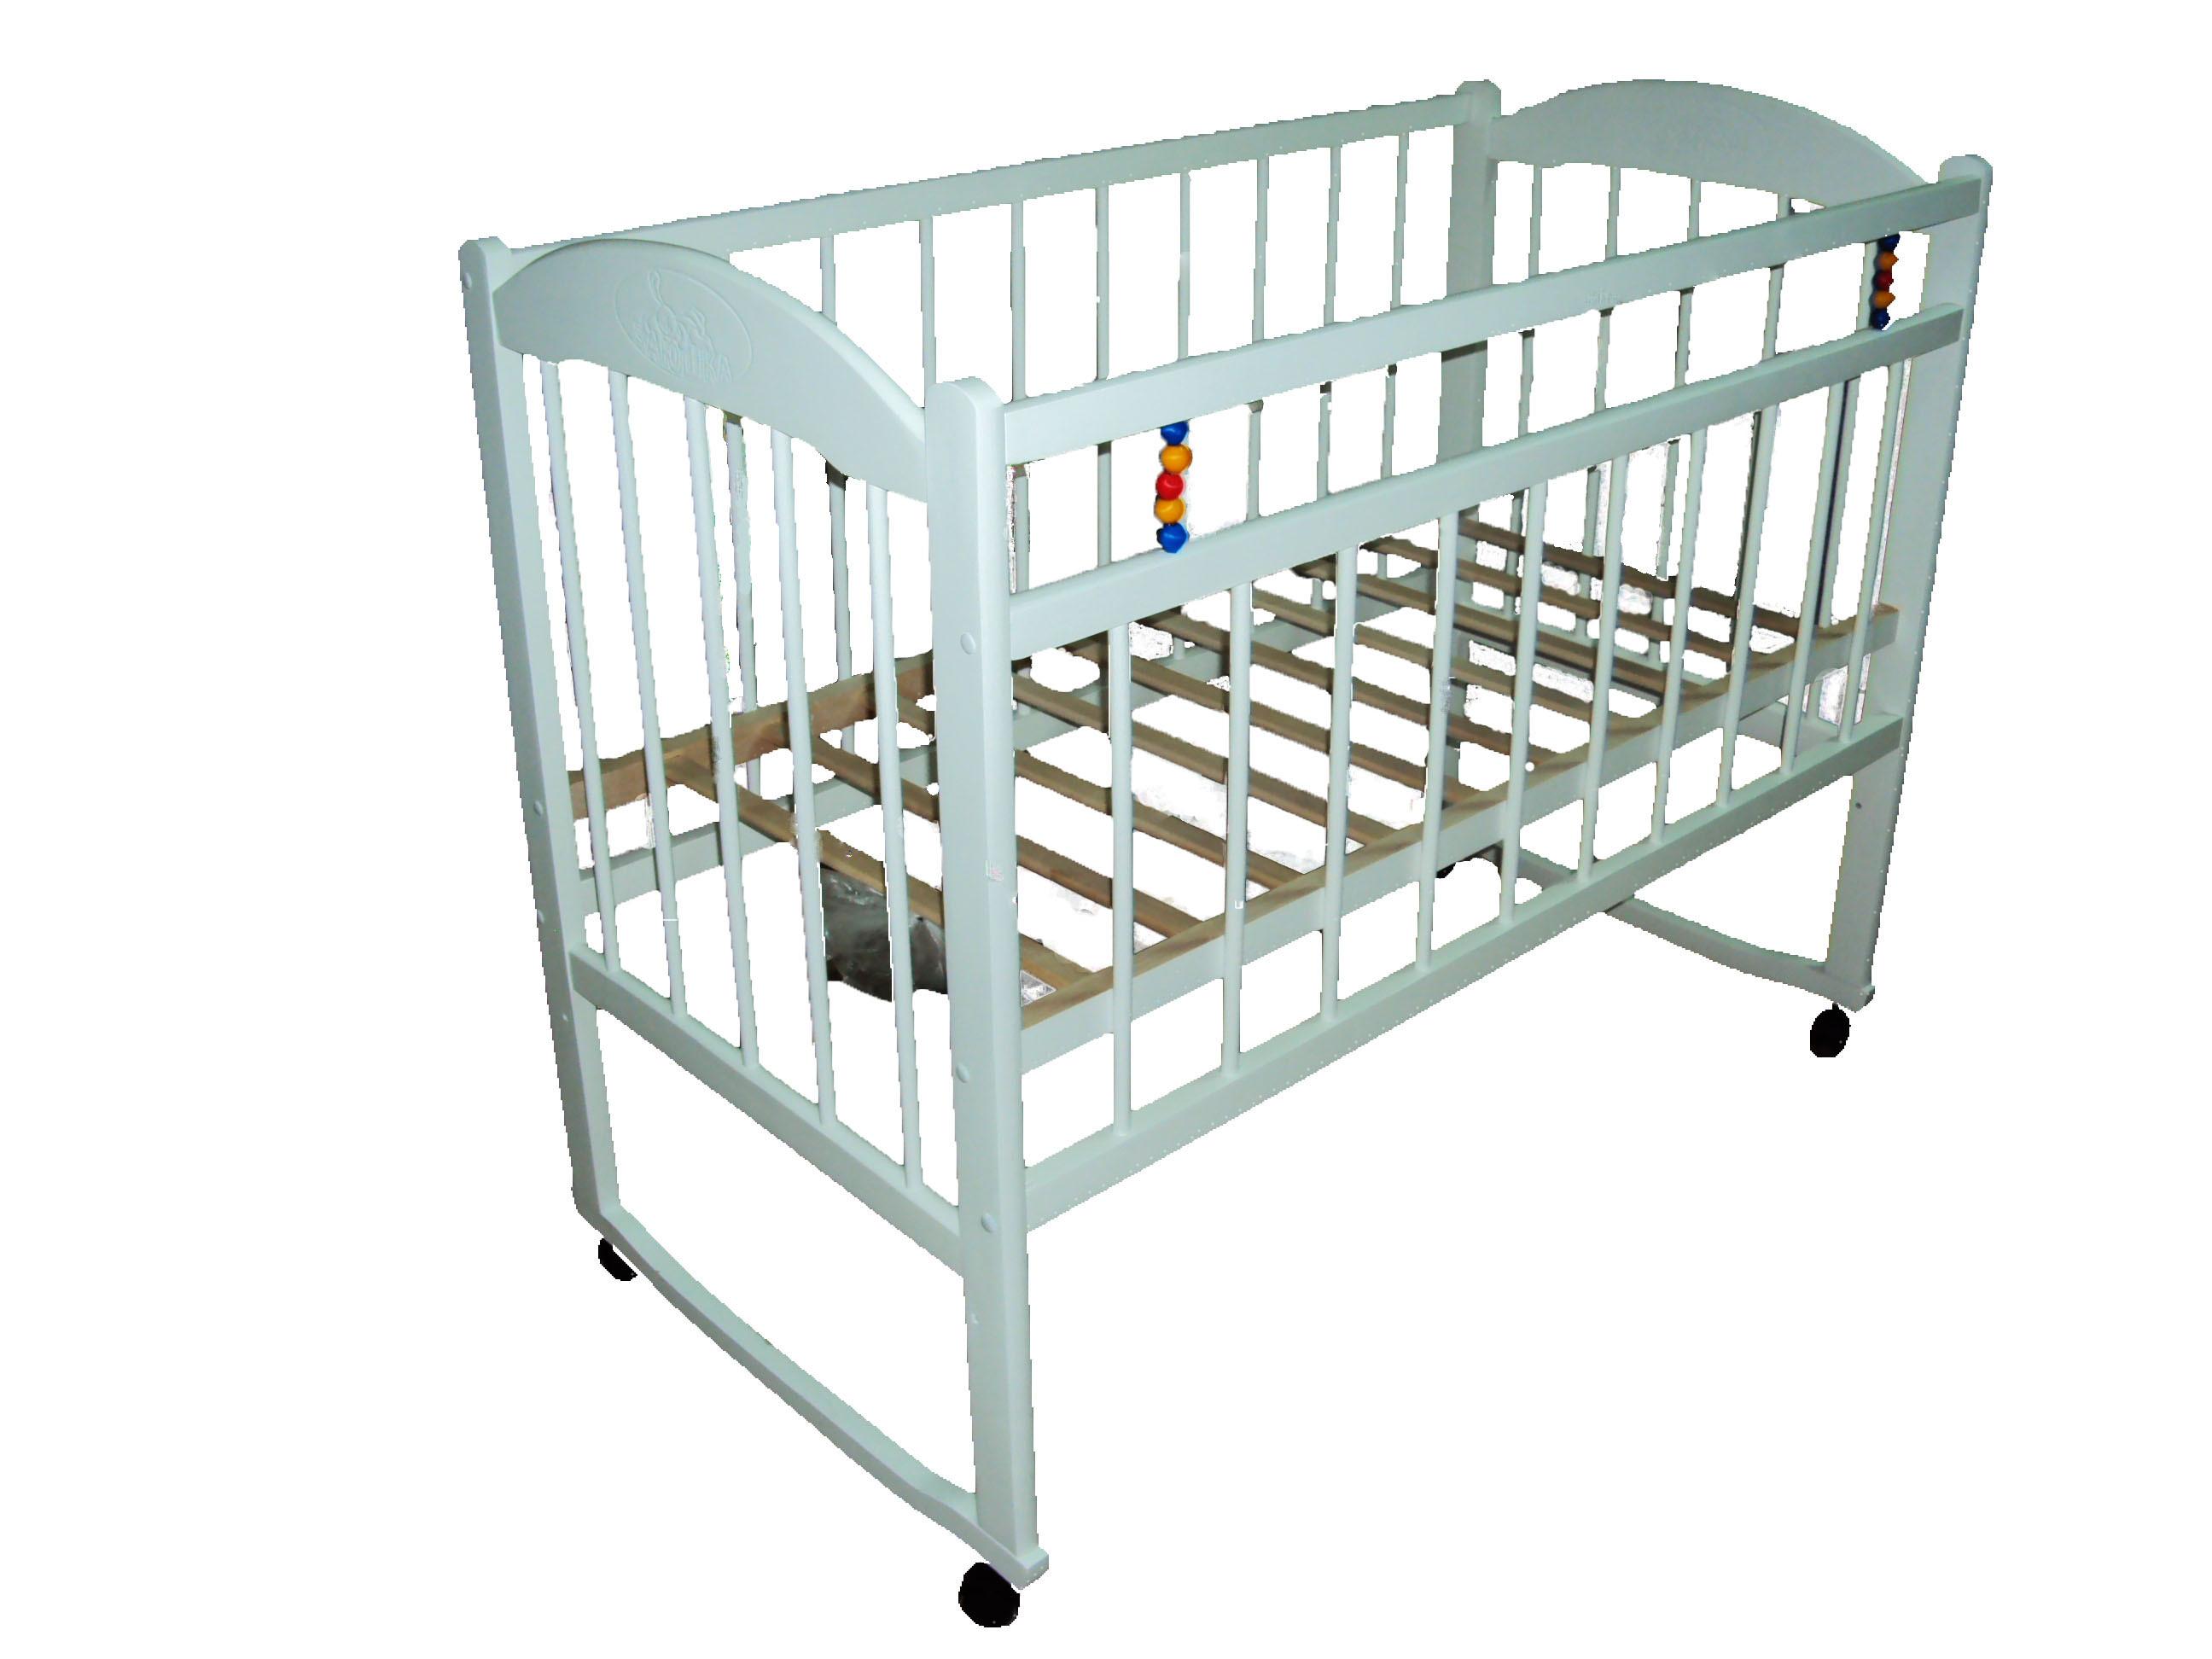 Кроватки ЗАЮШКА Кроватка Уренский леспромхоз «Заюшка» колесо и качалка белый обычная кроватка 120x60 уренская мебельная фабрика заюшка на качалке тёмно коричневая